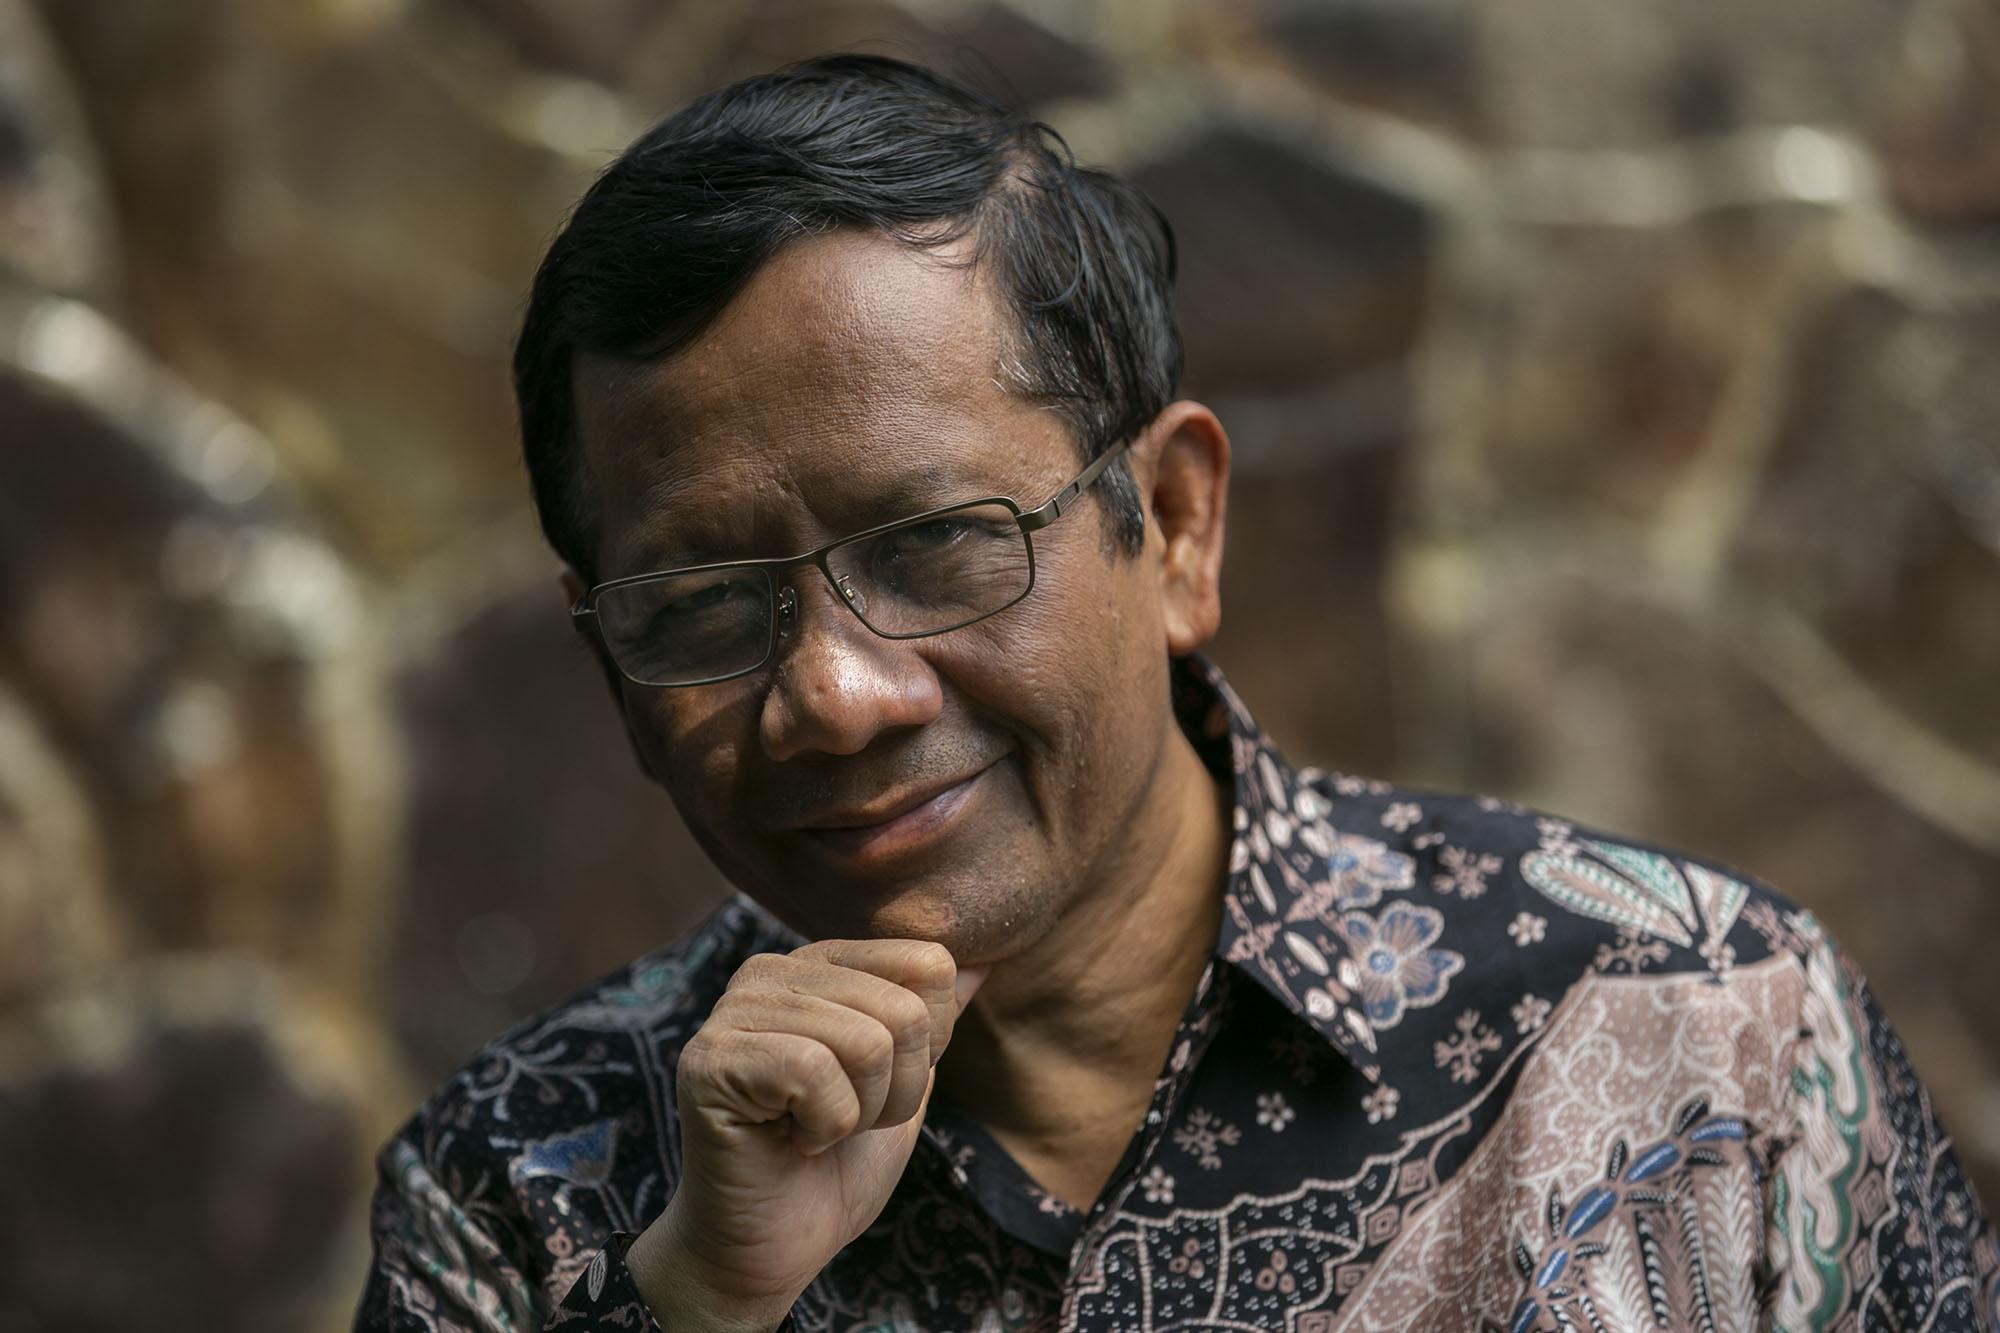 Mahfud MD Asyik Nonton Ikatan Cinta, Pengamat: Kasihan Jokowi, Mungkin Benar Ya Kata Arief Poyuono Kemarin Itu